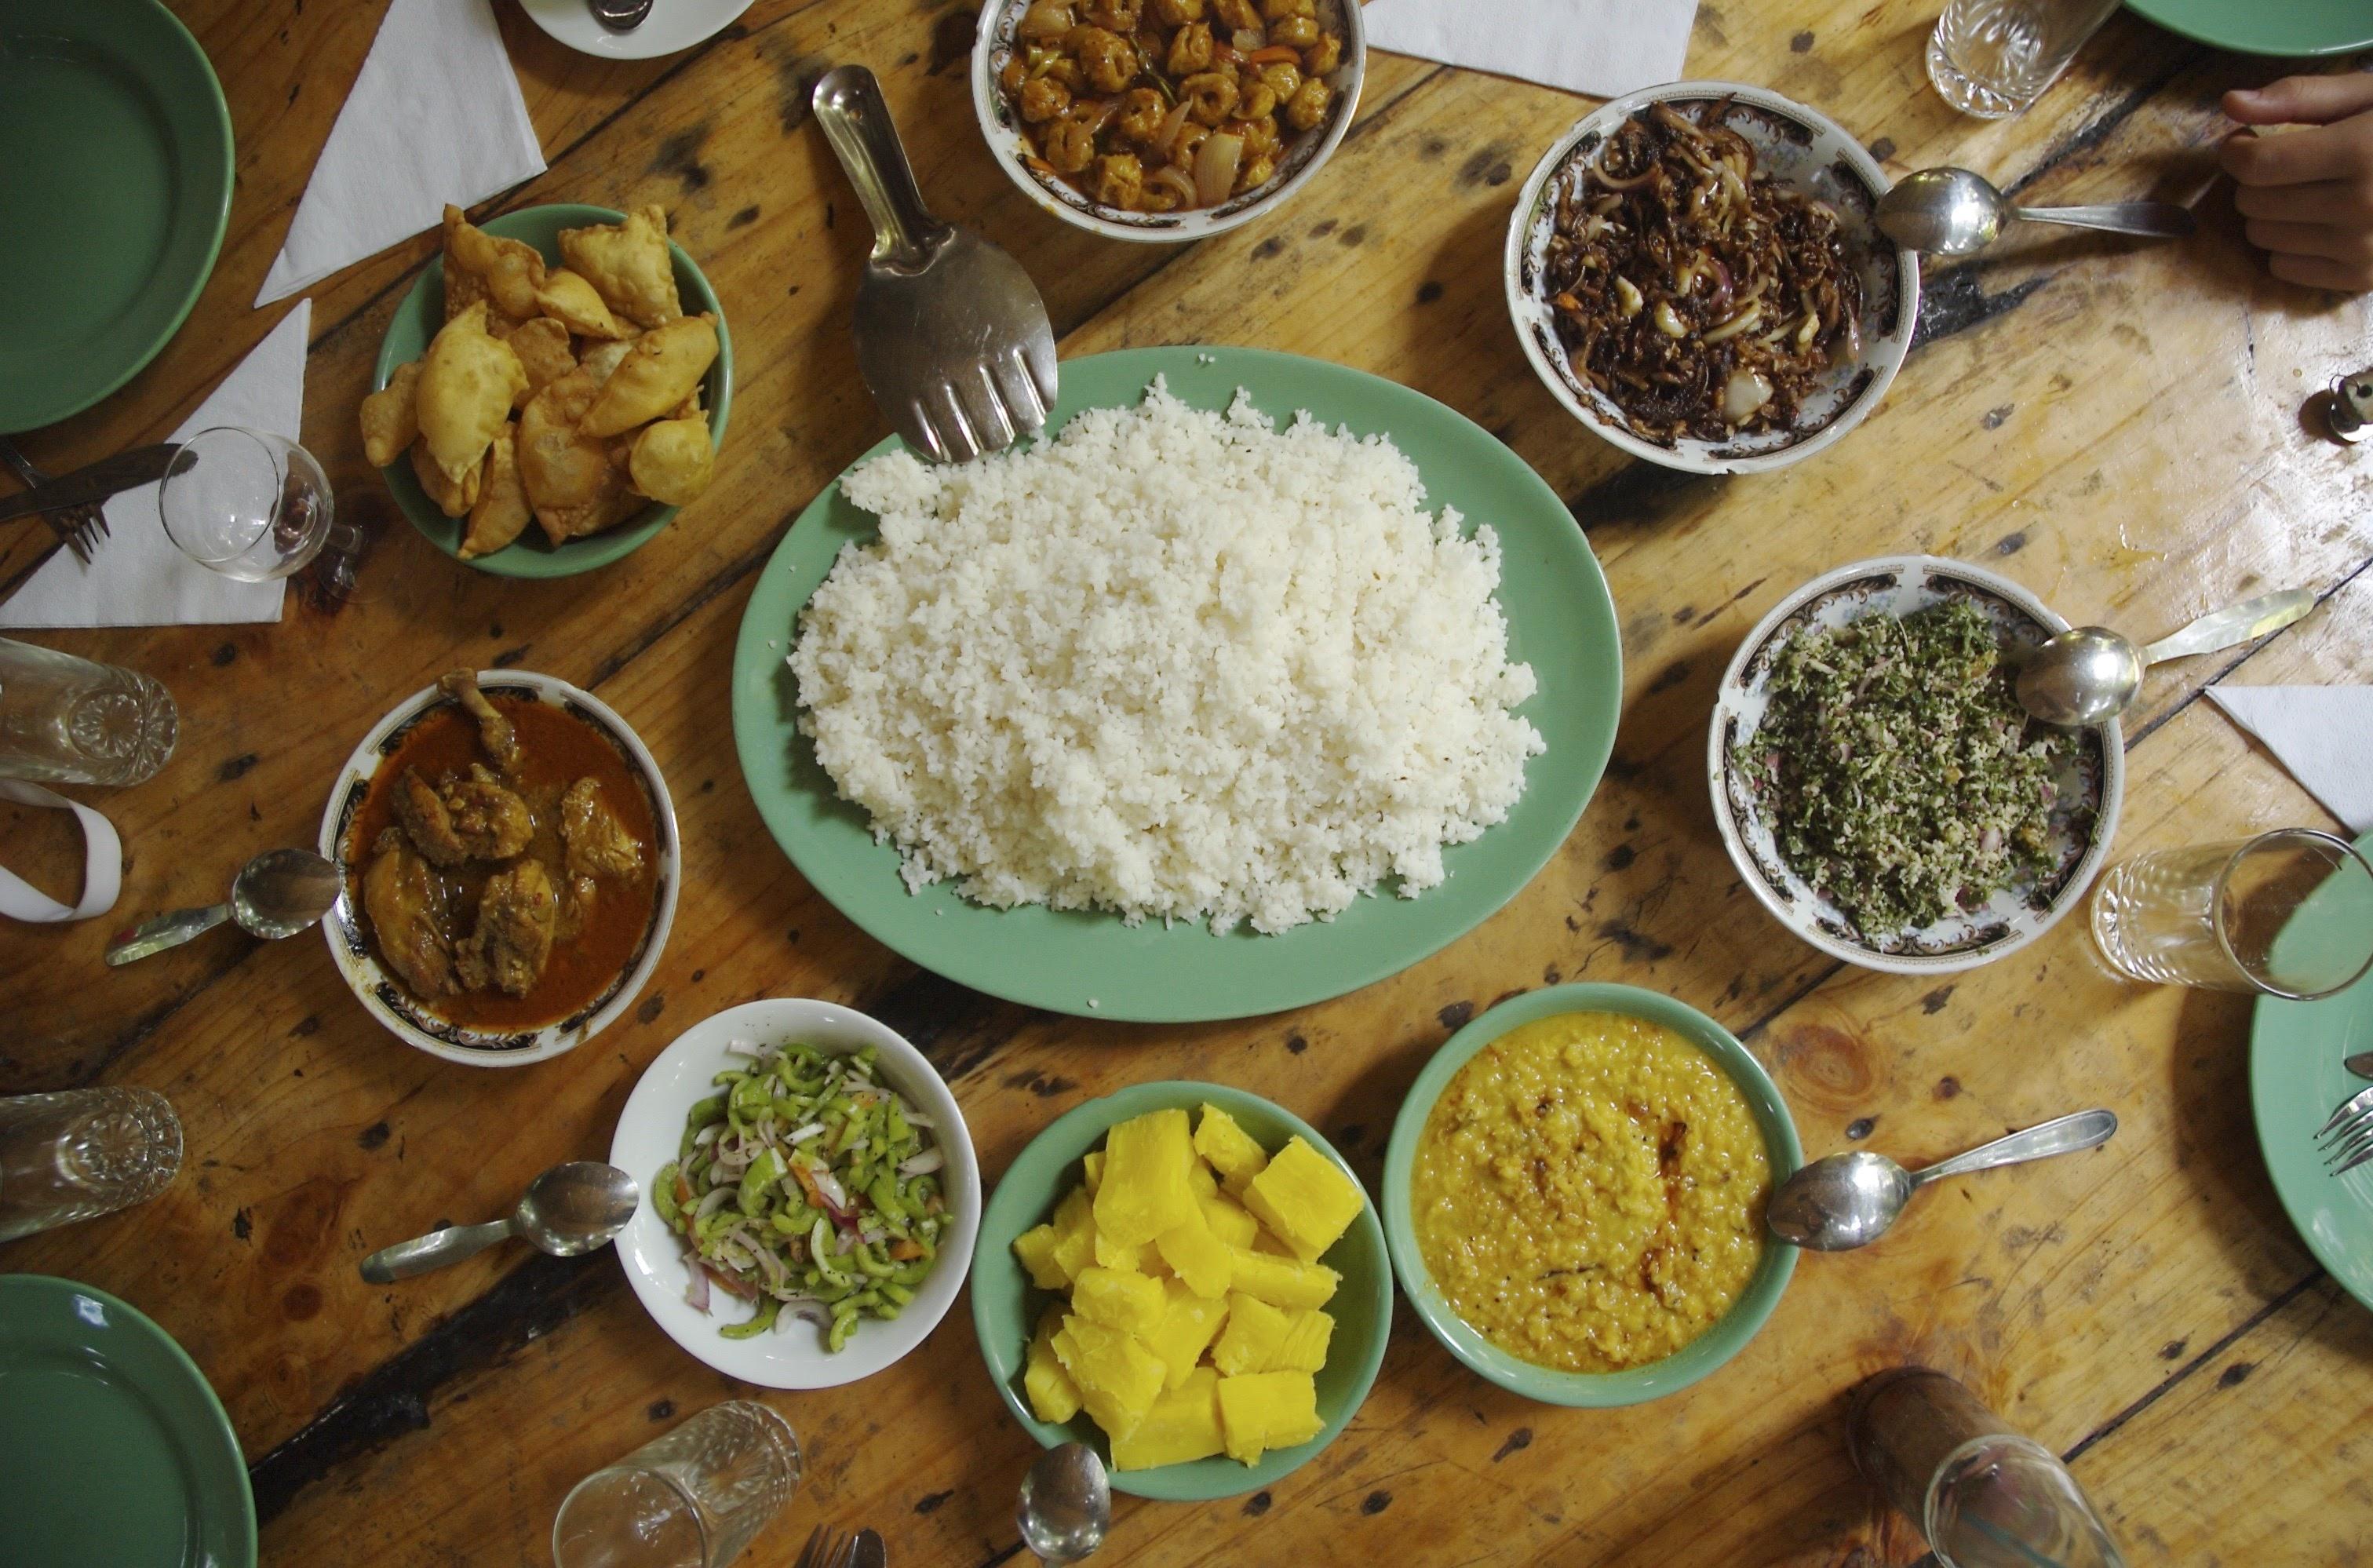 Sri Lankan dinner. Photo: Durga, local expert for Sri Lanka.